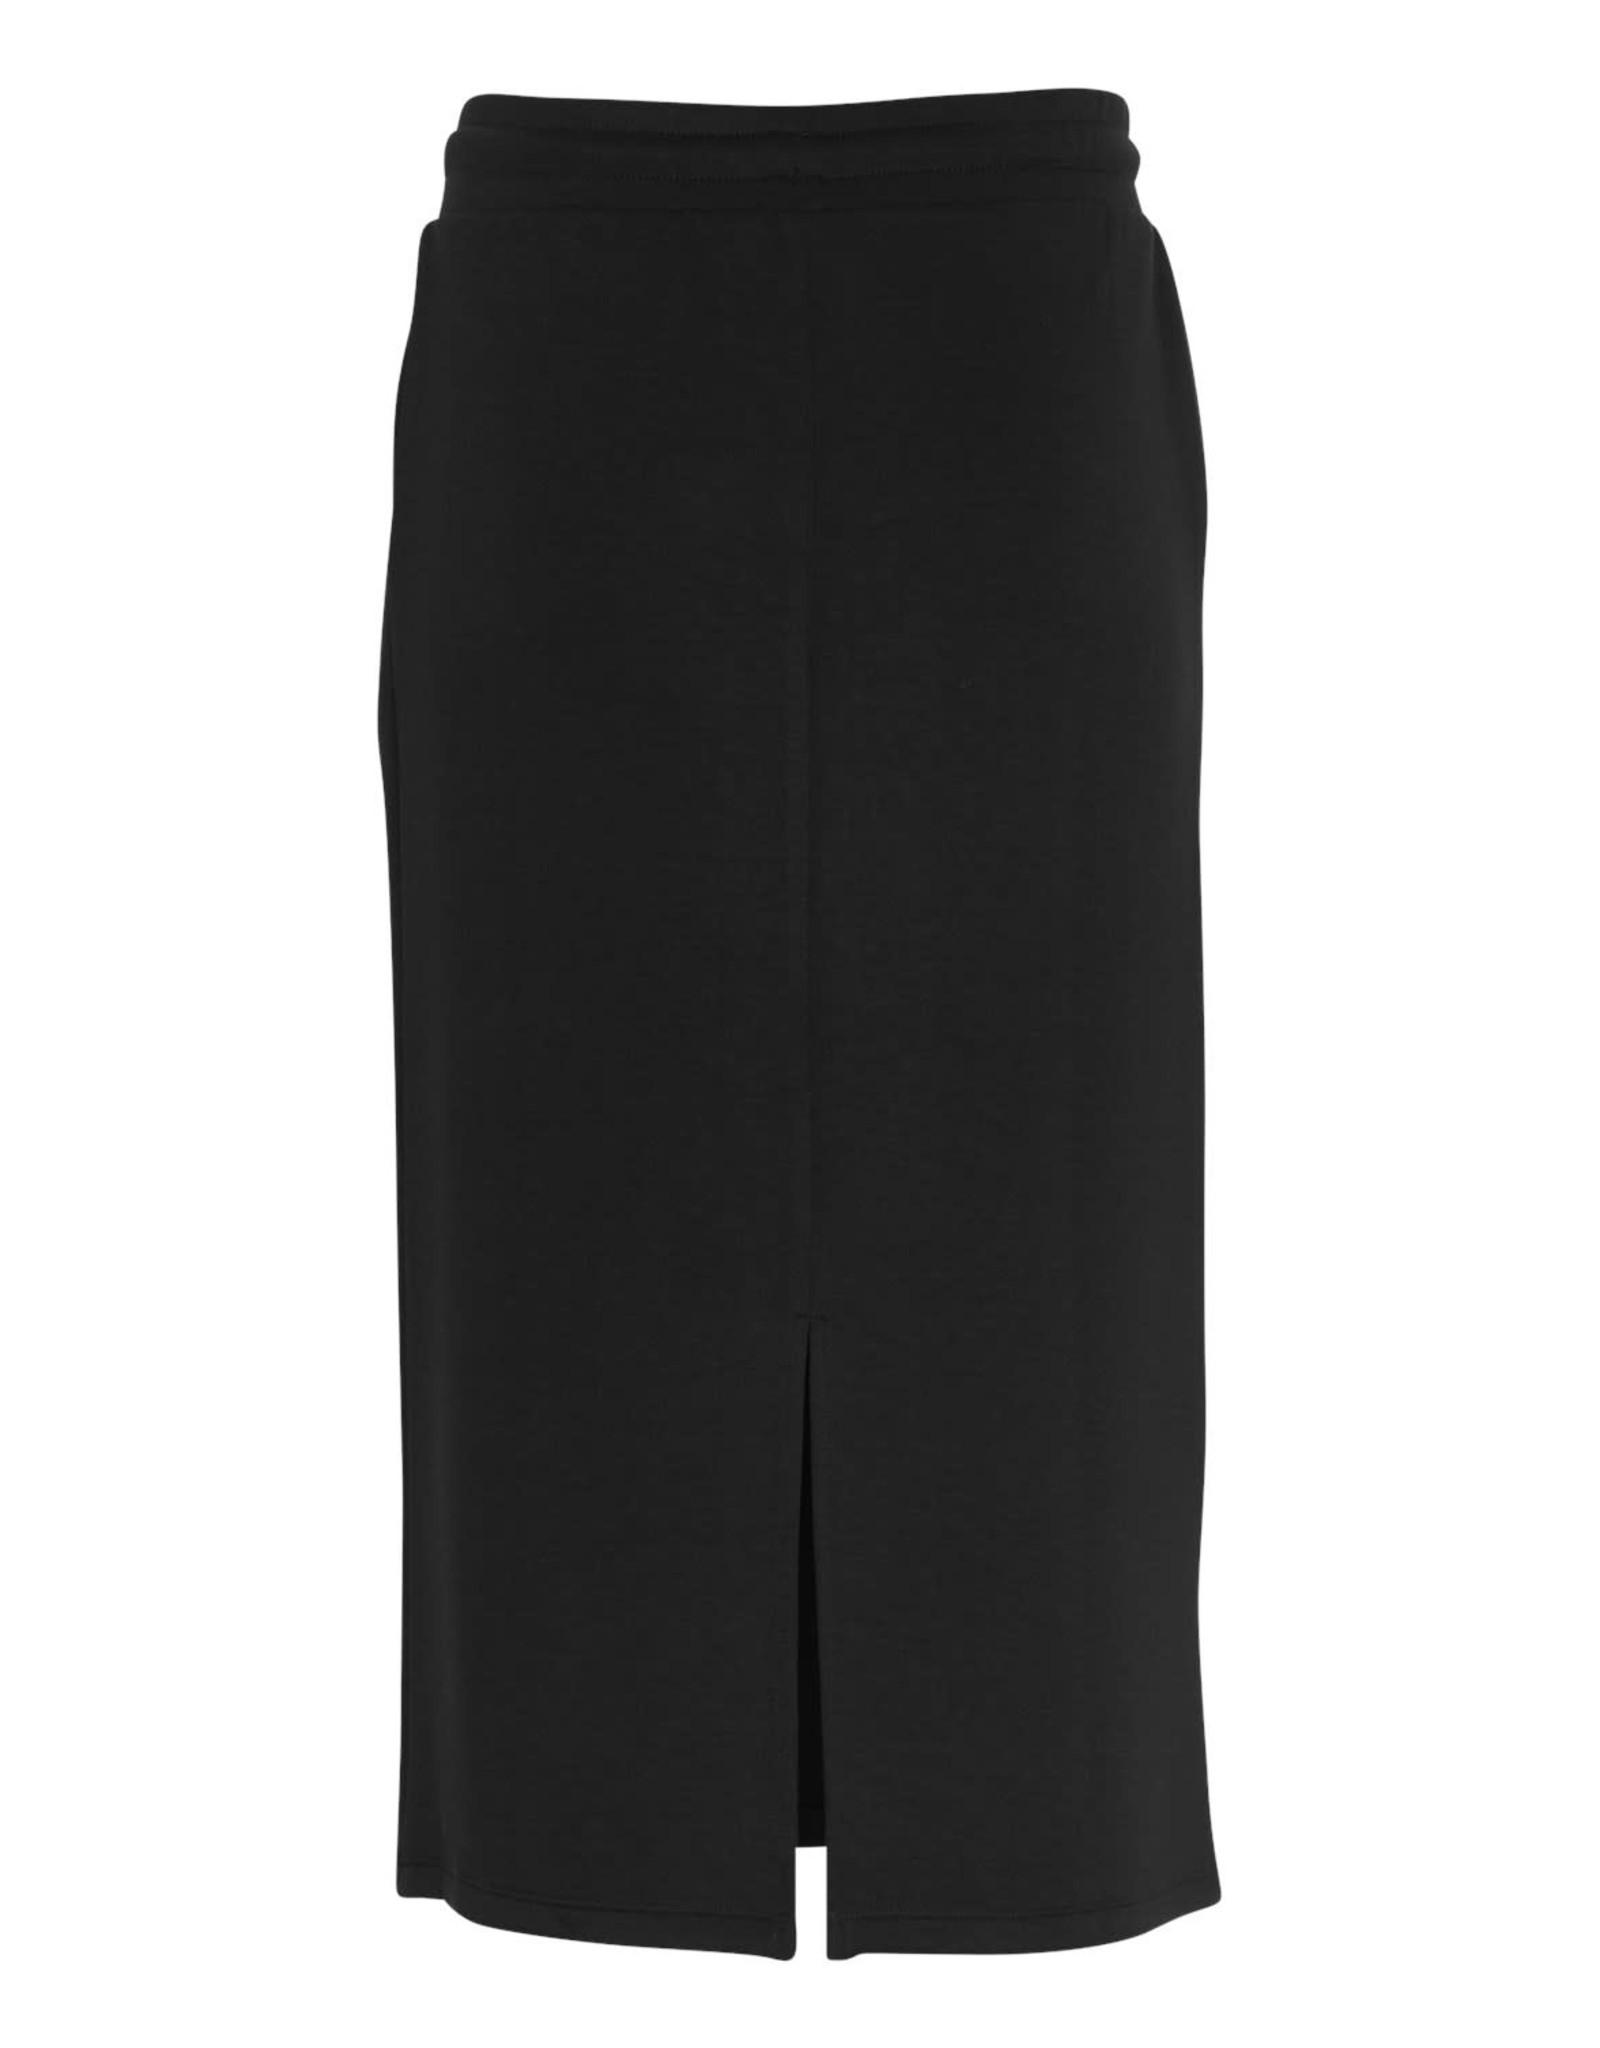 Moss Copenhagen MSCH Ima Skirt